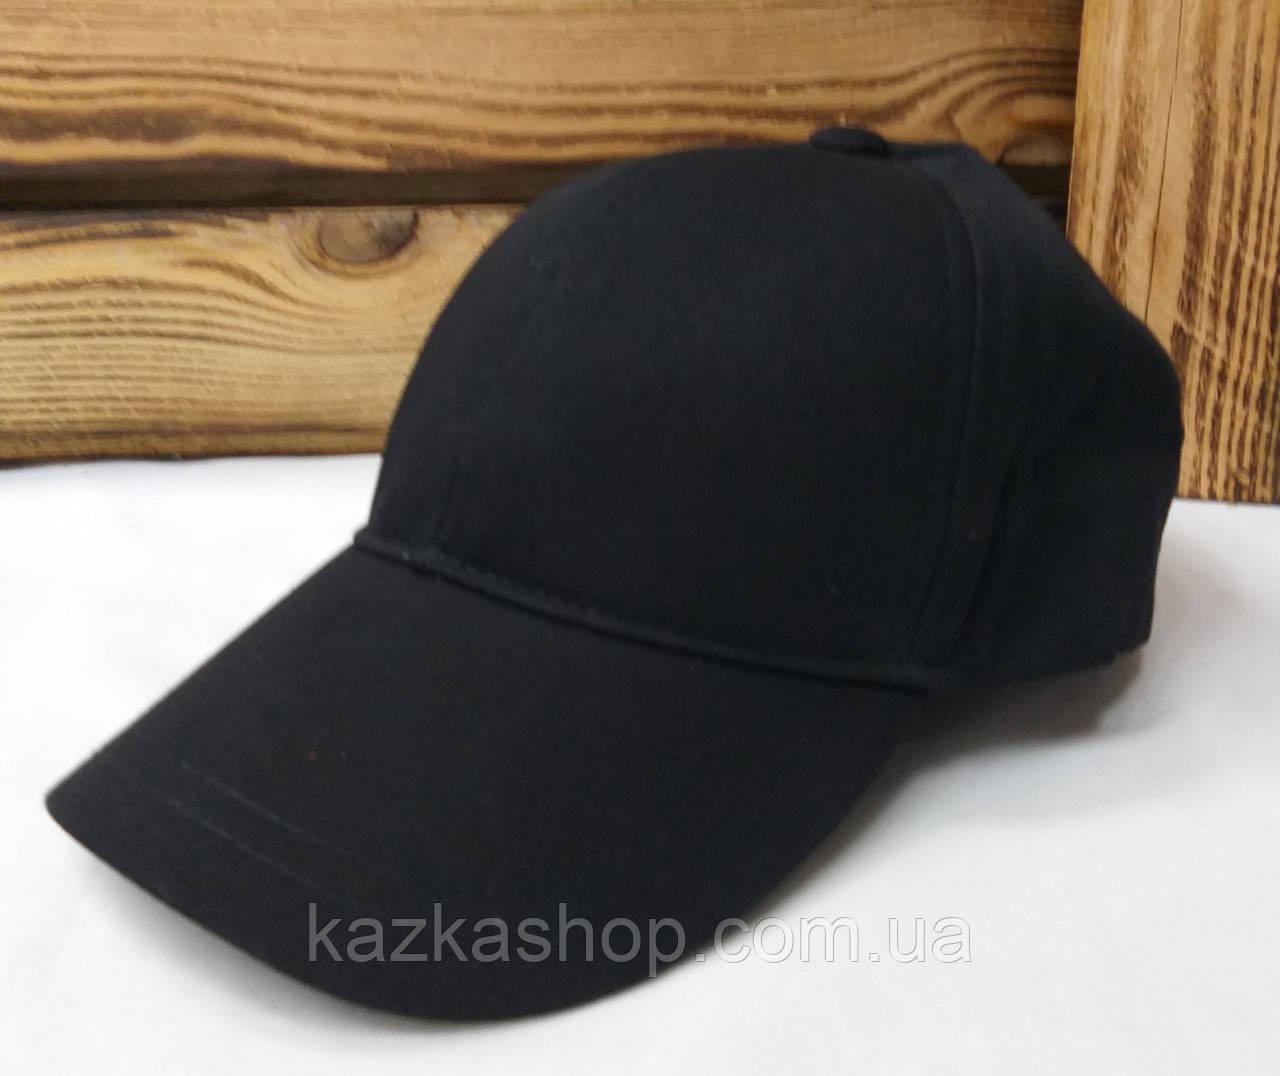 Мужская кепка черного цвета, без ничего, котоновая, с регулятором